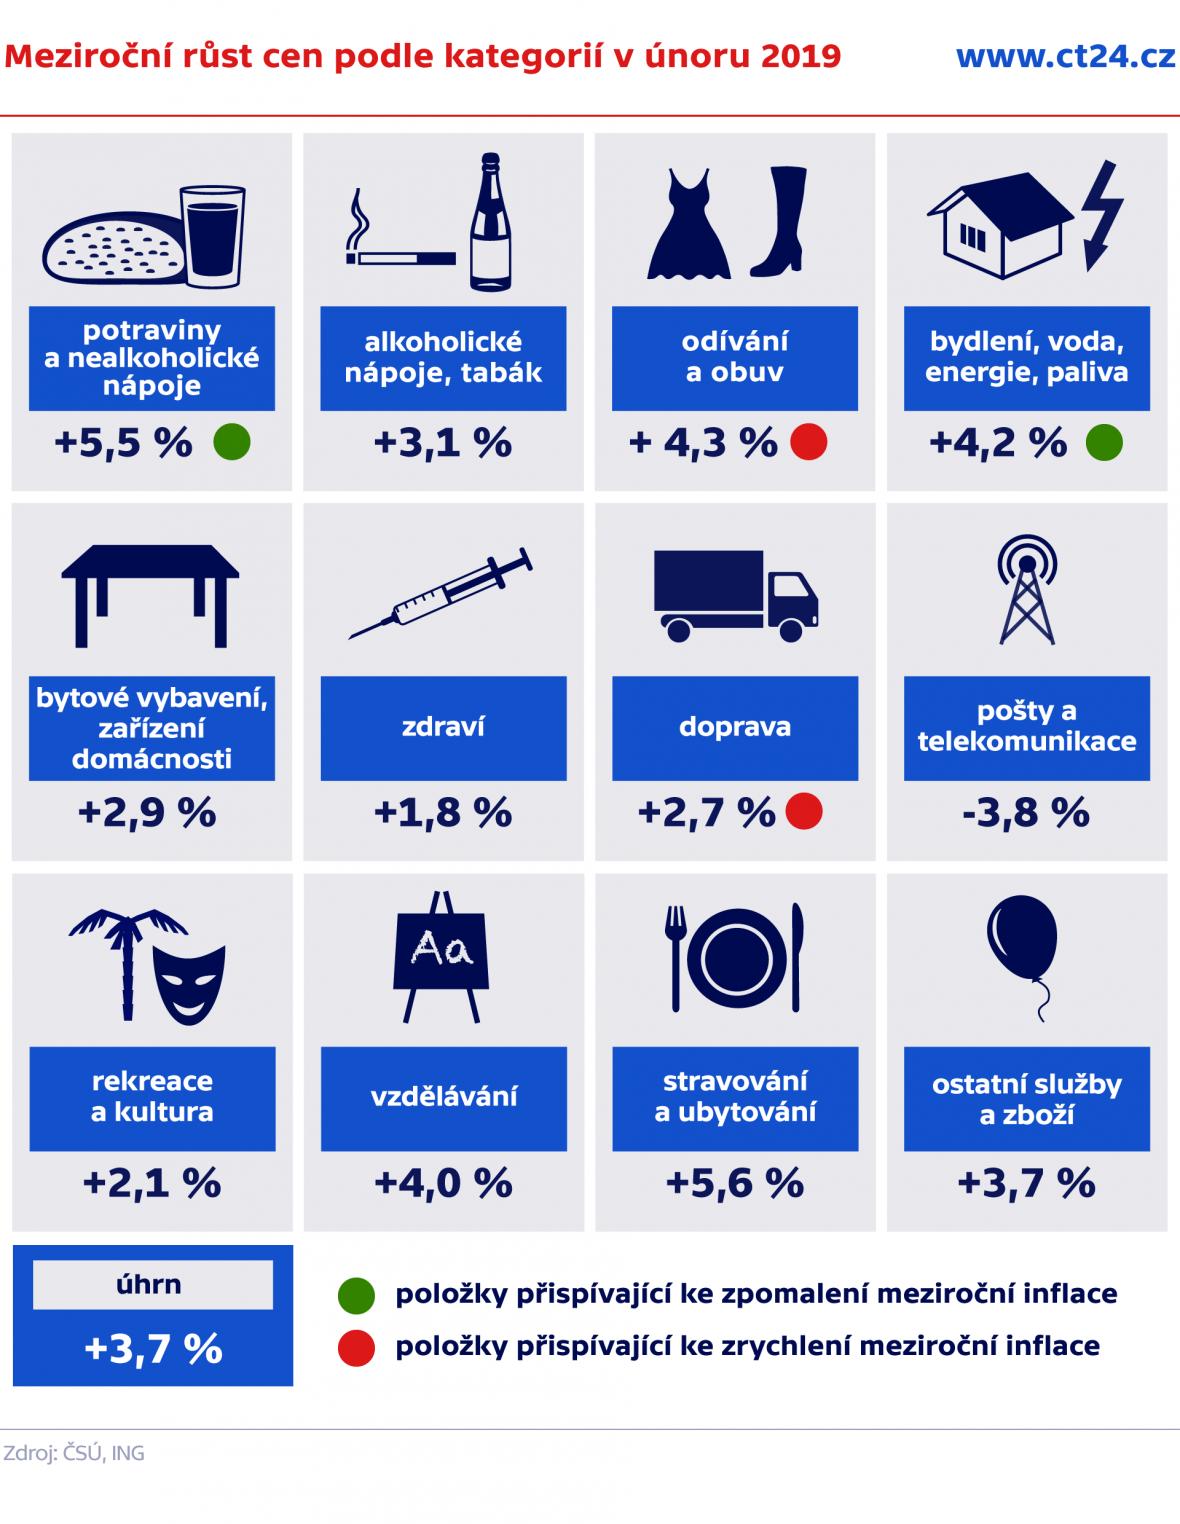 Meziroční růst cen podle kategorií v únoru 2019